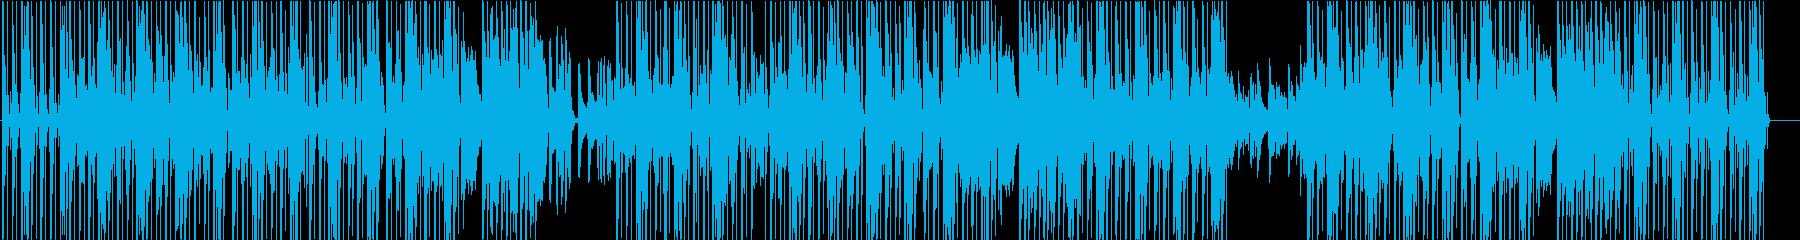 ブルーボーイの場合 パート3の再生済みの波形